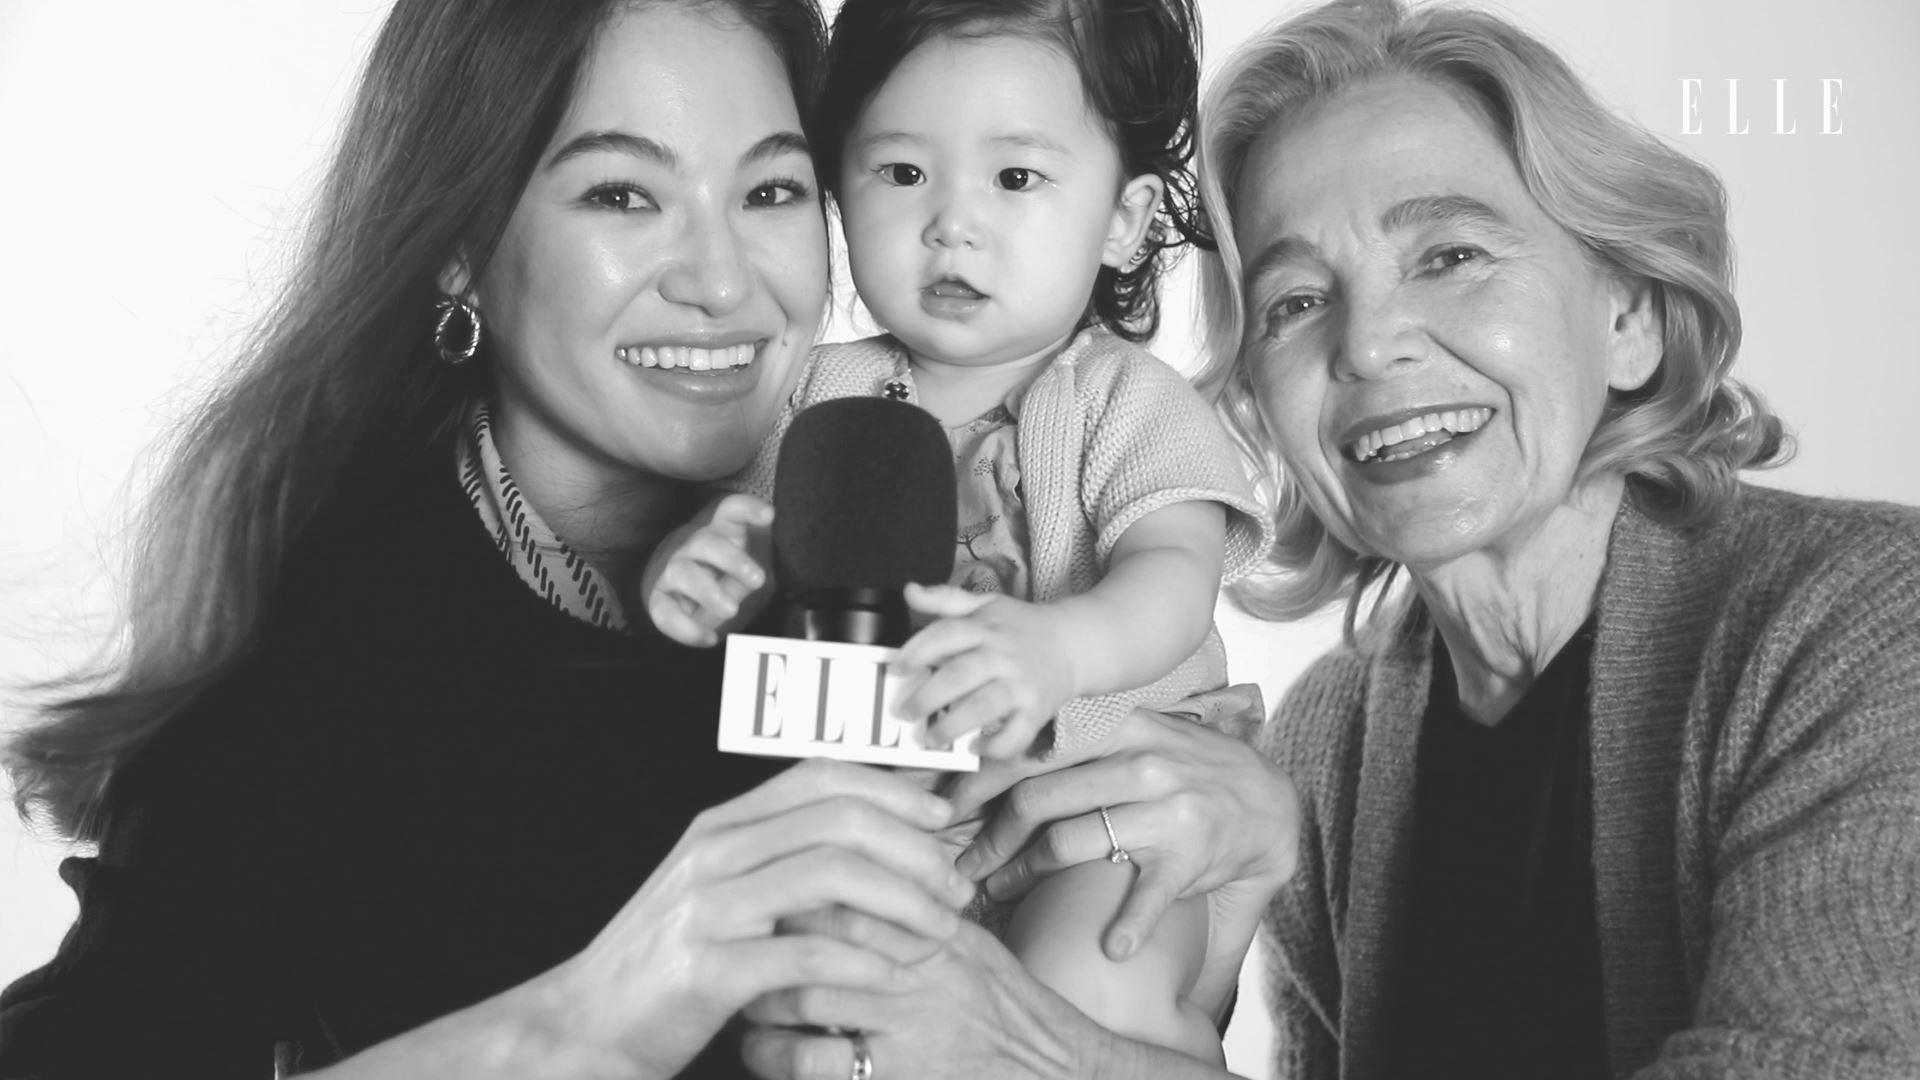 한국 남자와 사랑에 빠진 마틴 프로스트 교수와 그녀의 딸 올리비아, 9개월 된 루나까지. 여자라는 유대감으로 나이 듦이 두렵지 않은 아름다운 3대의 이야기